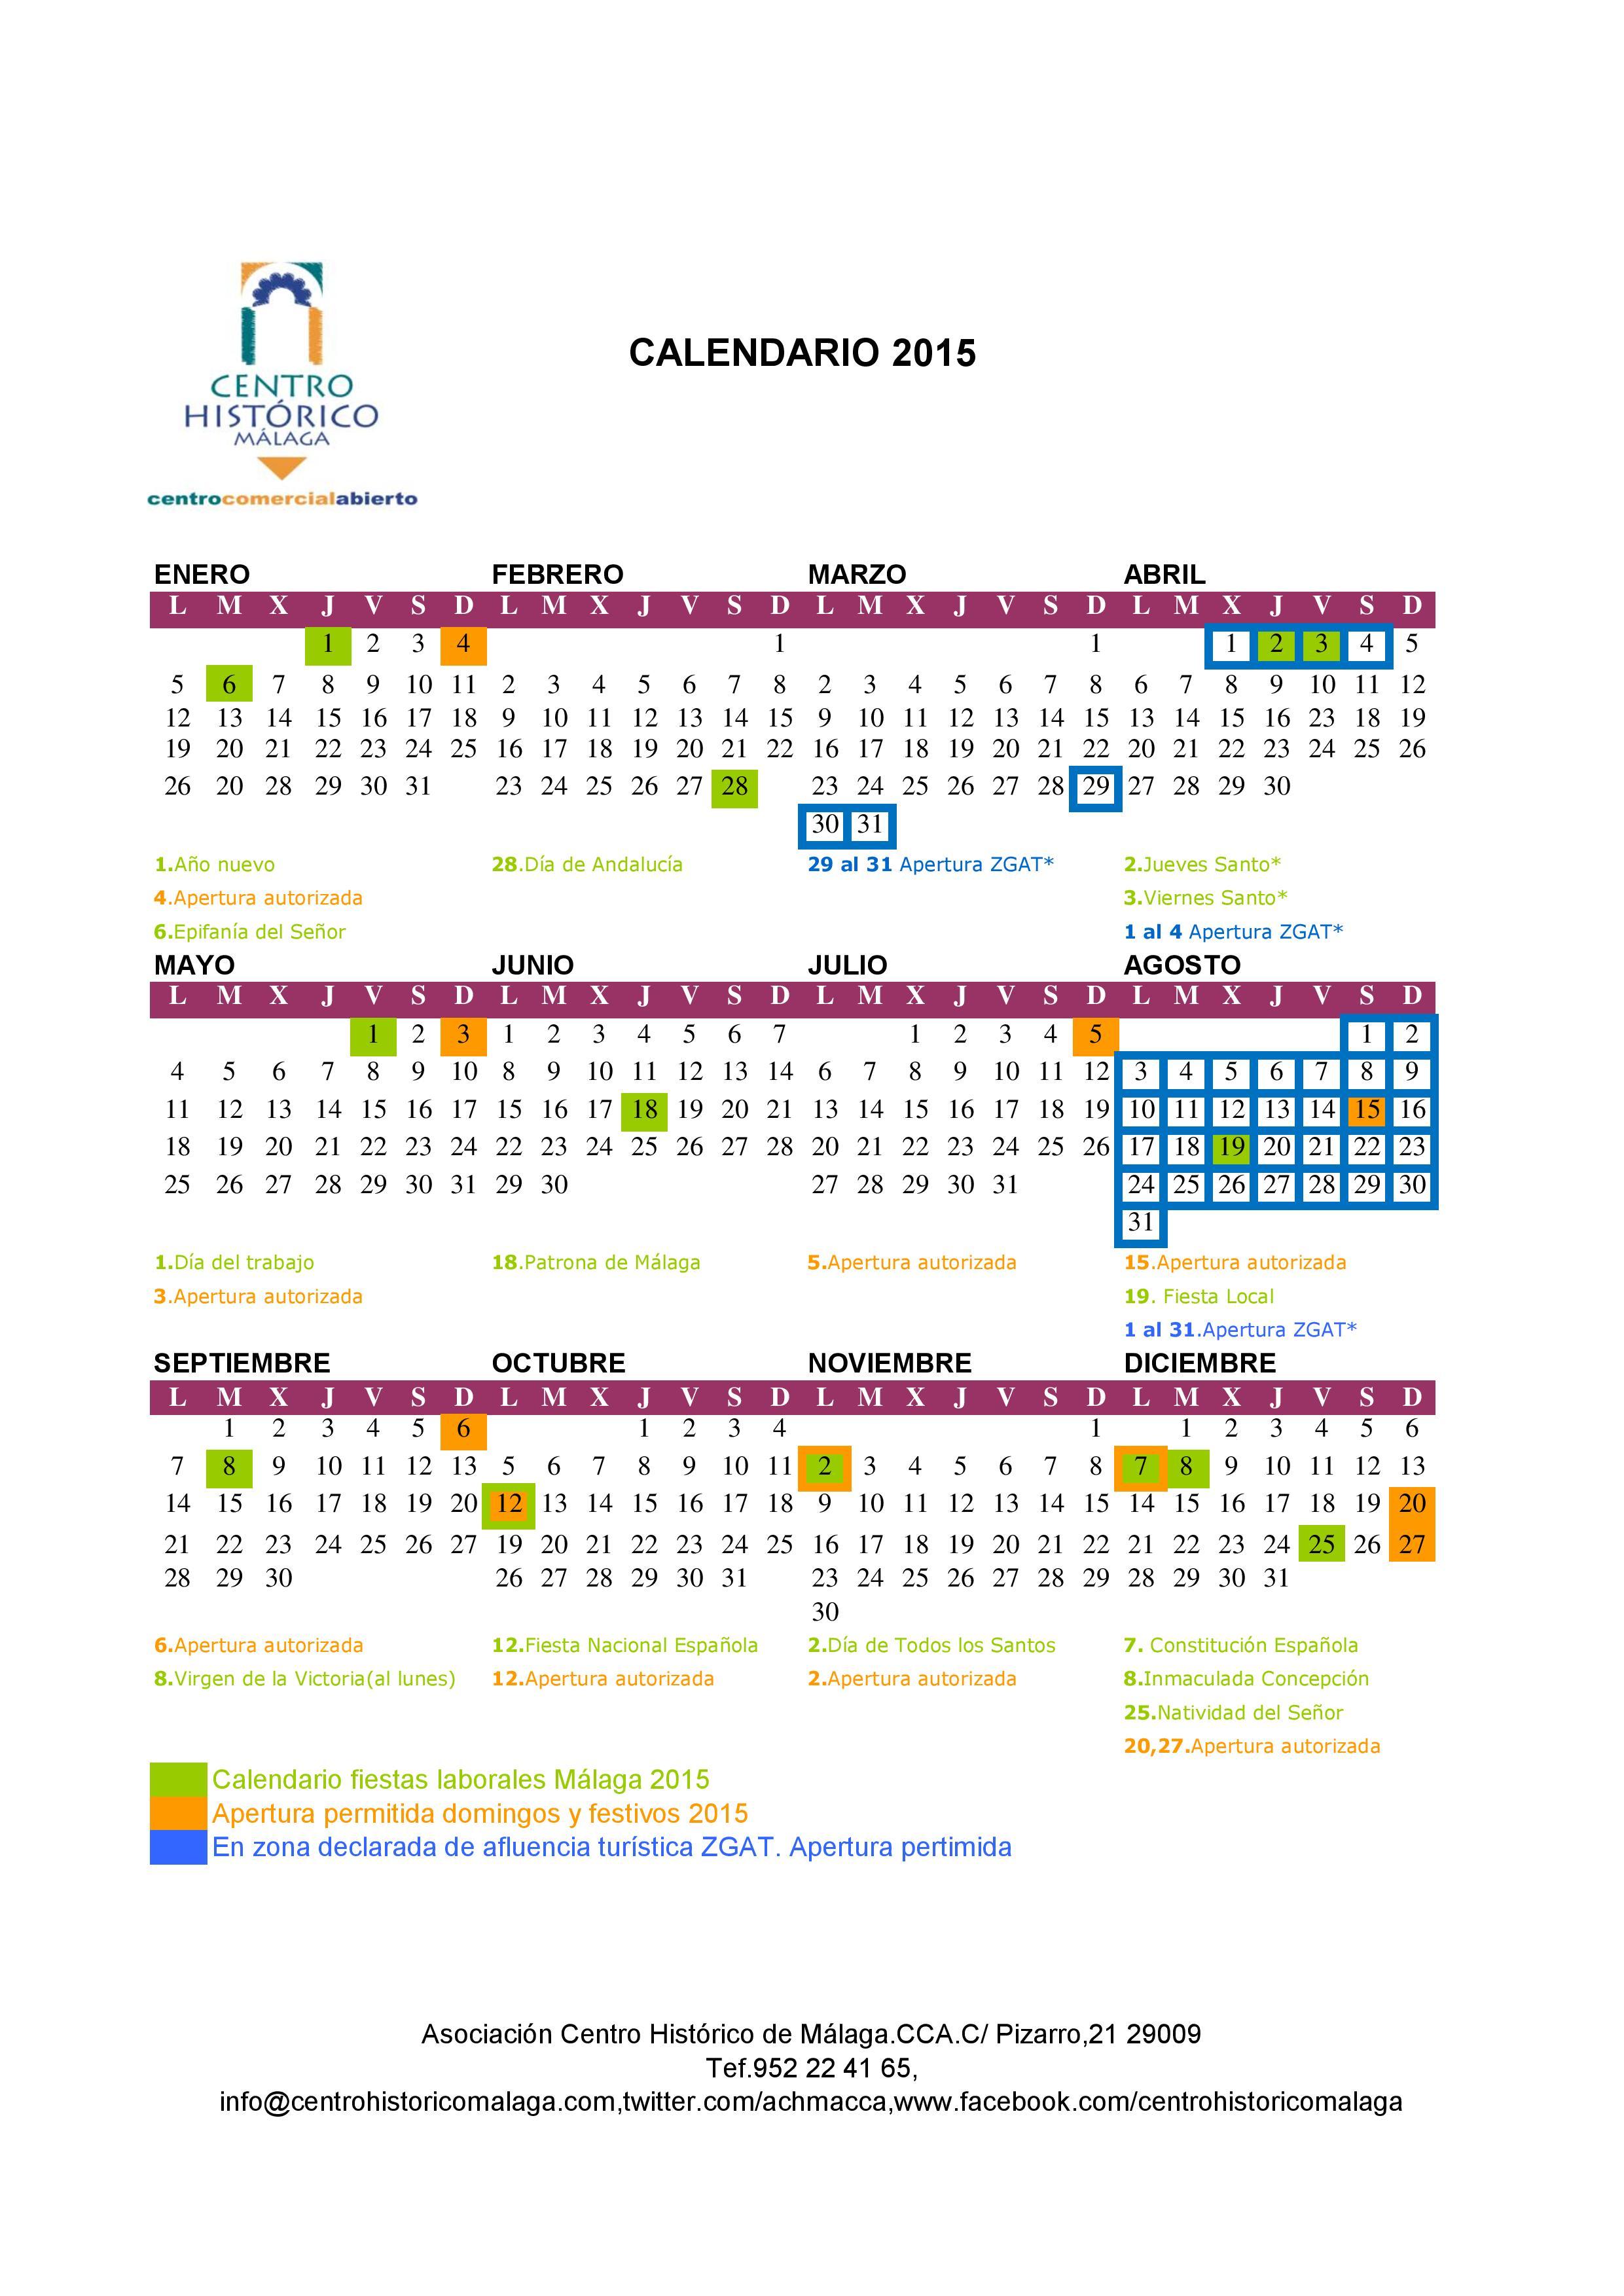 Calendario2015Bueno-page-001